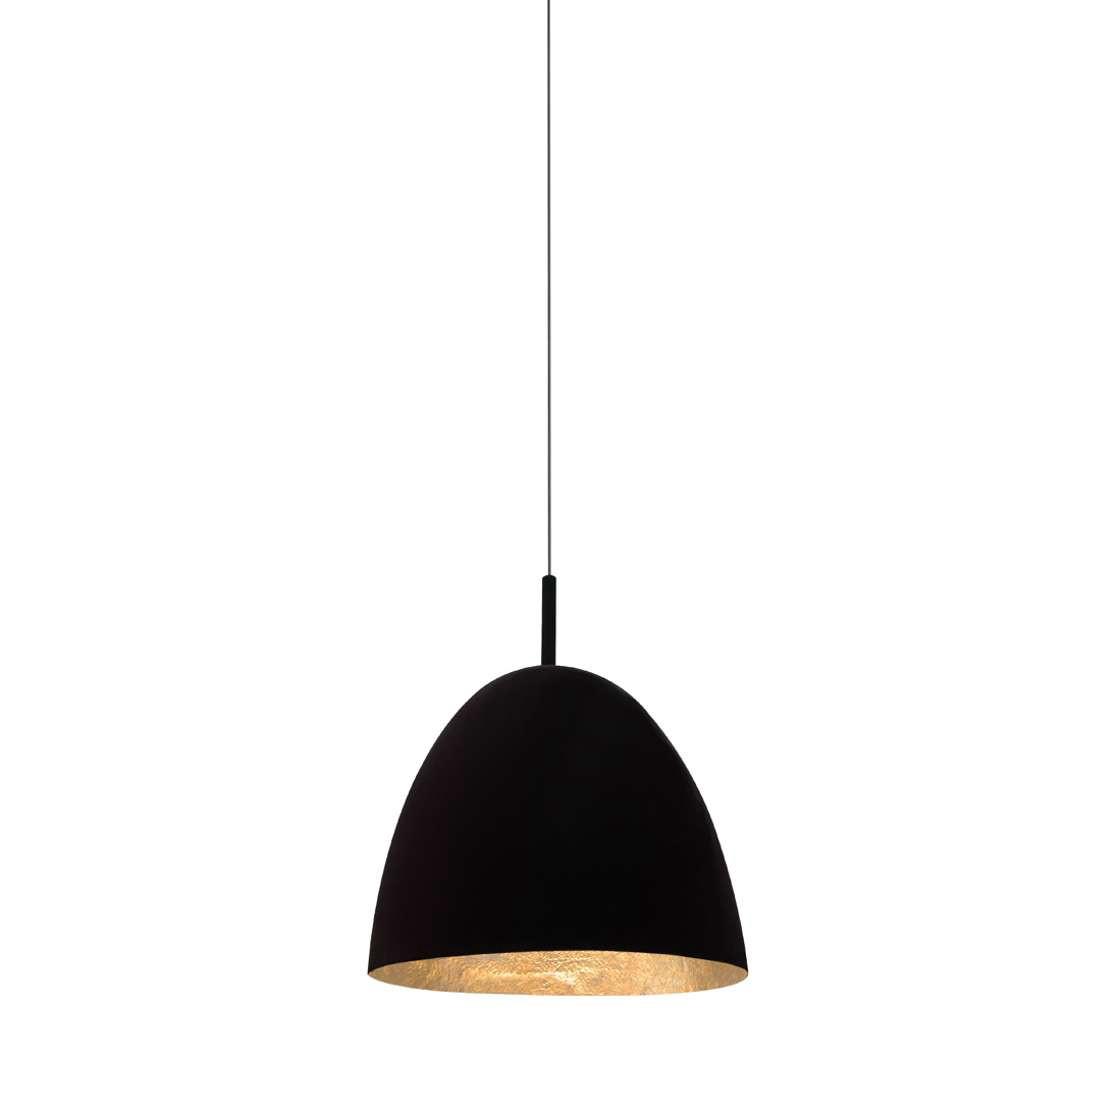 m bel online g nstig kaufen ber shop24. Black Bedroom Furniture Sets. Home Design Ideas